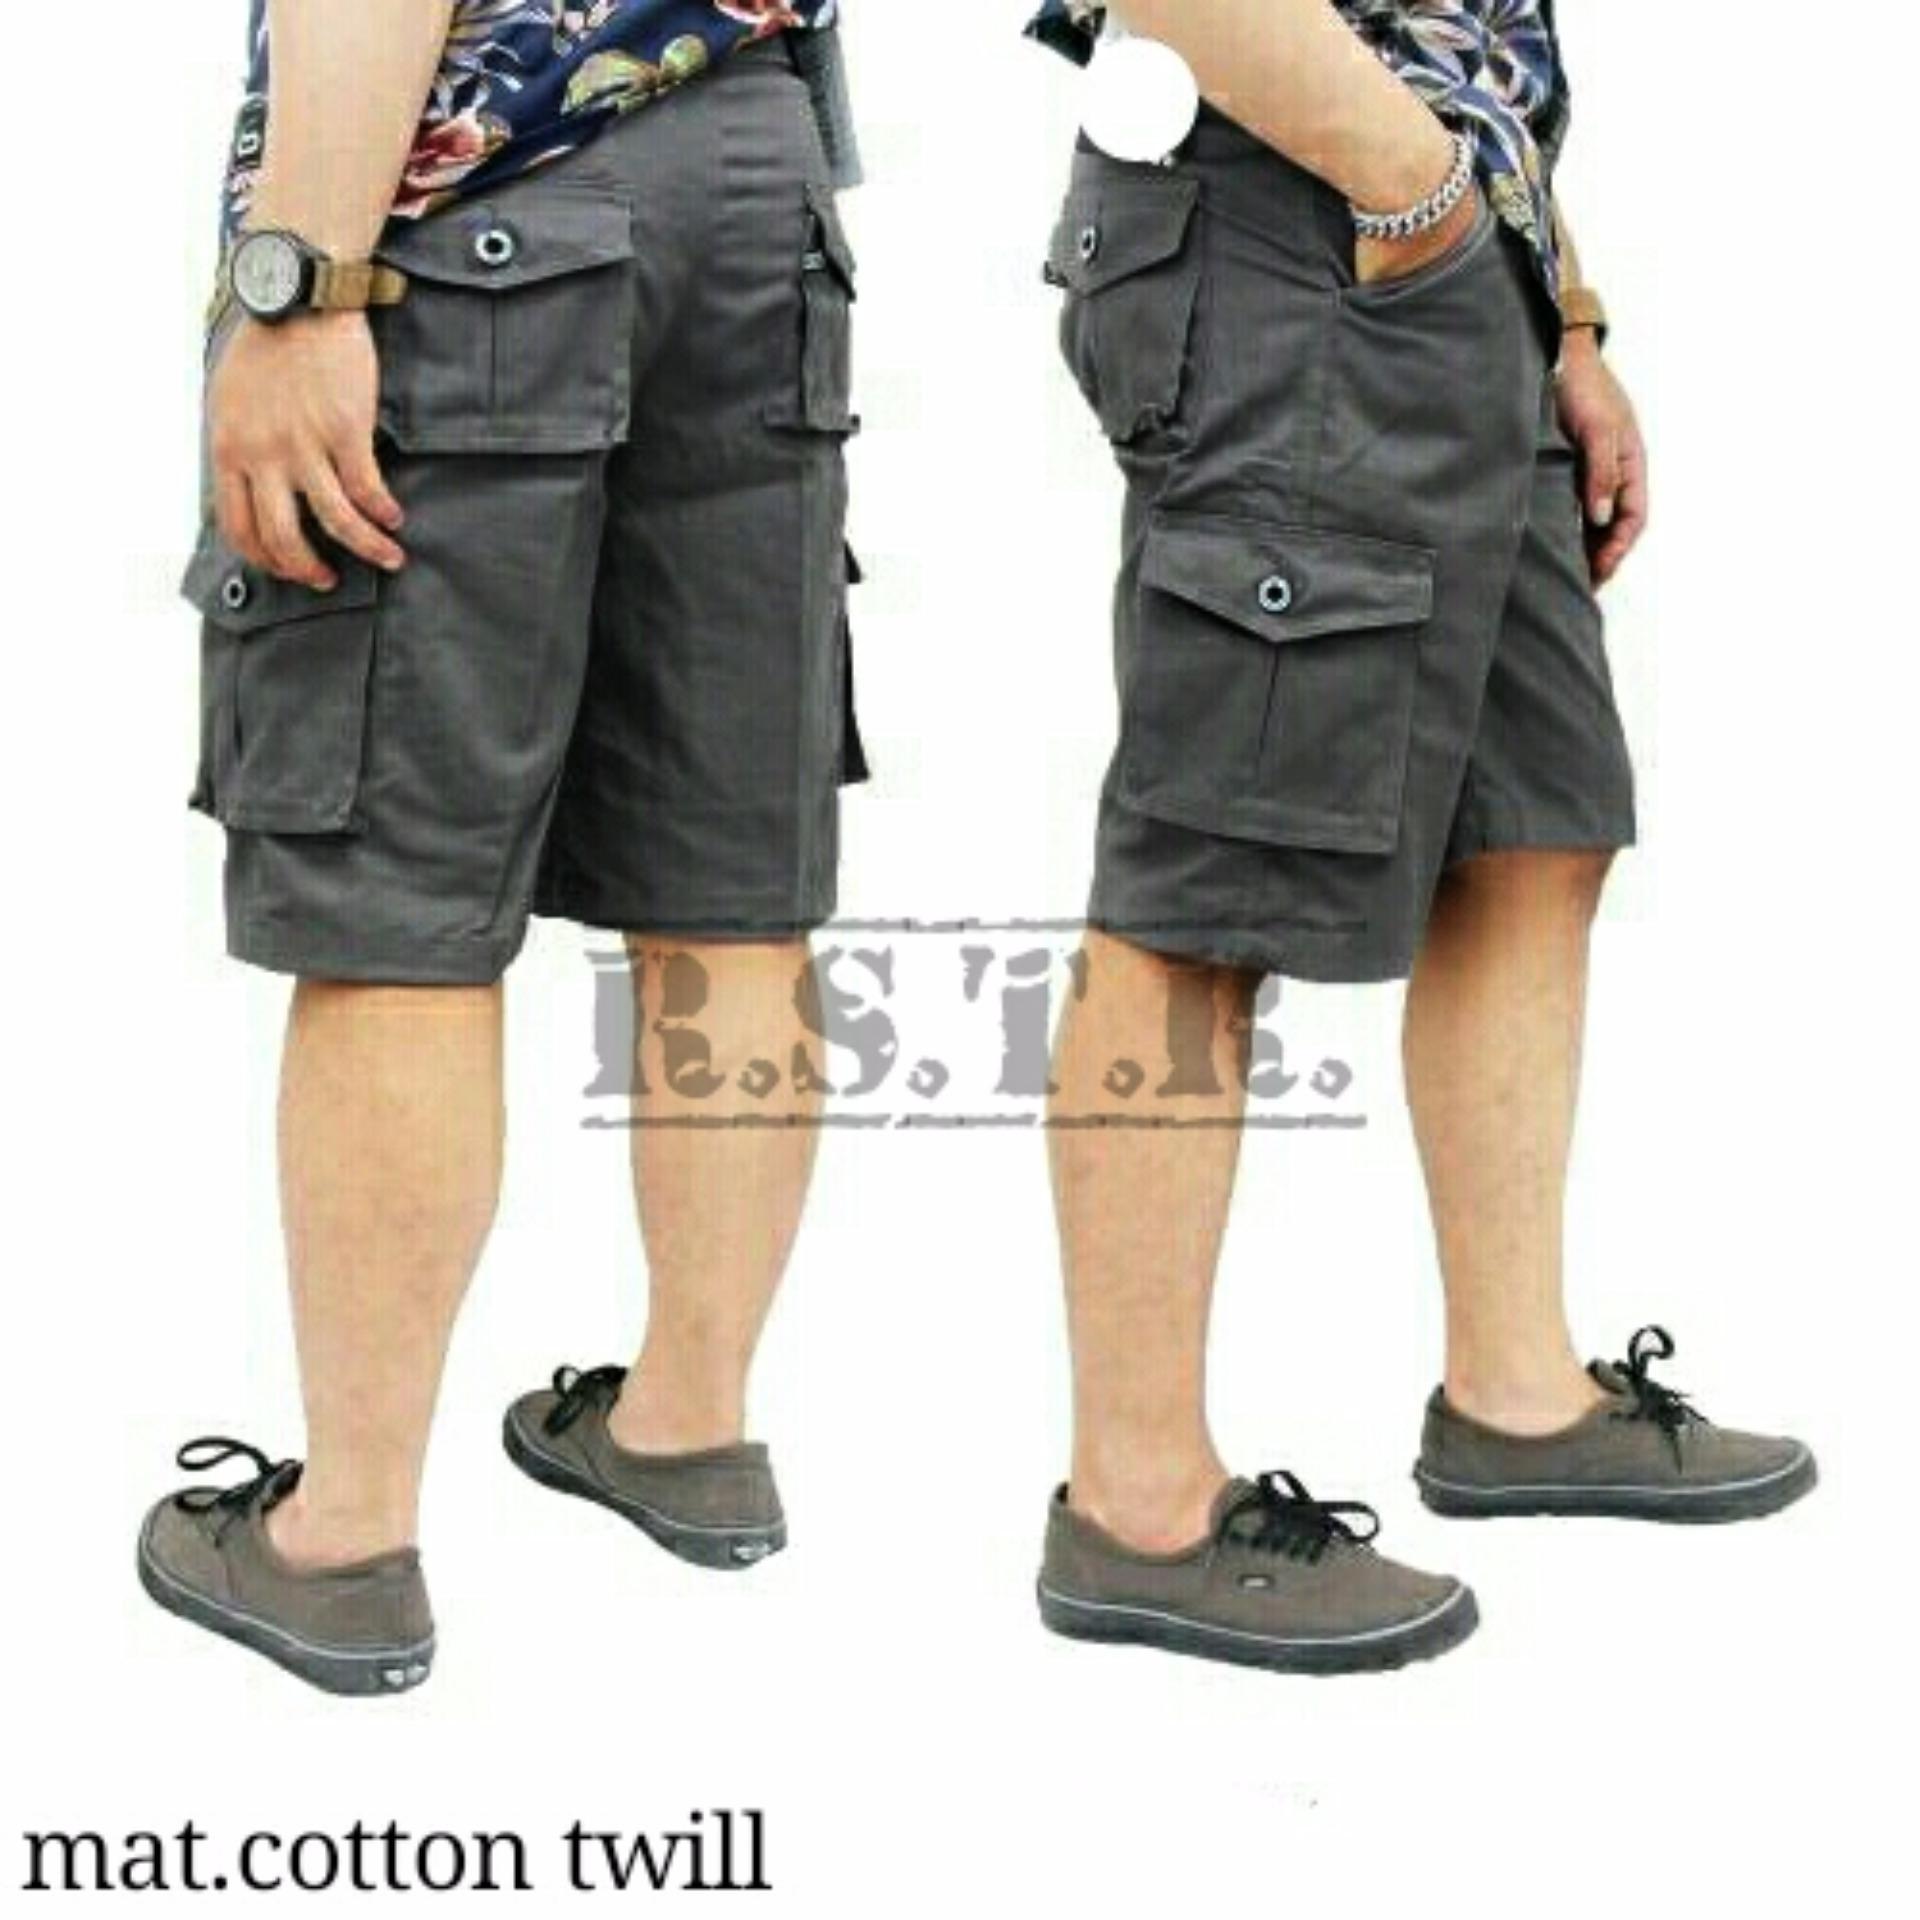 Valco Three Denim Celana Cargo Panjang Slimfit Pria Navy Beli Source · Celana cargo pendek pria